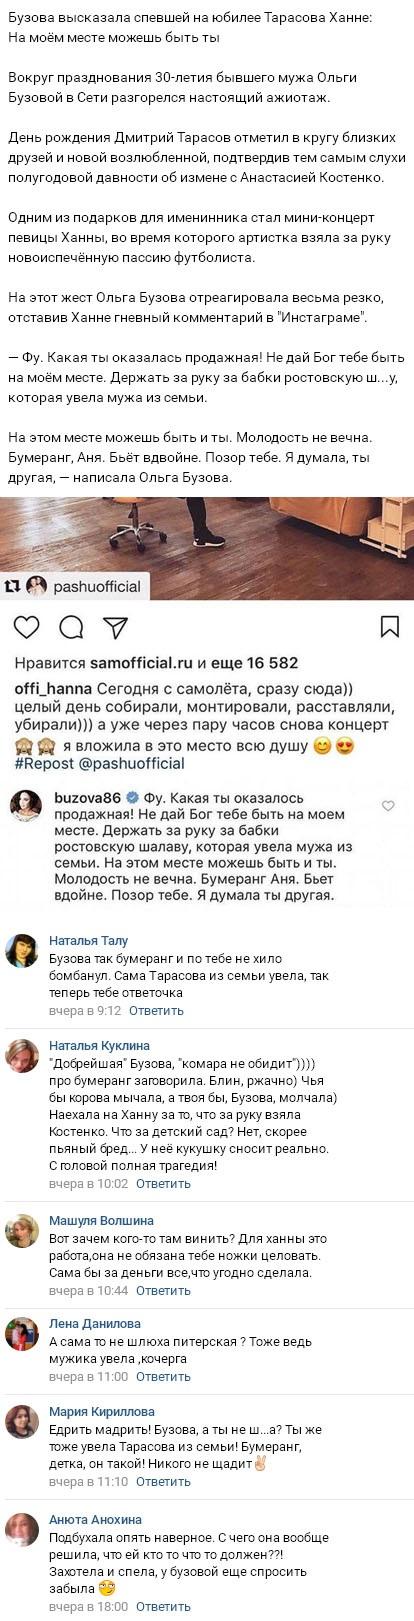 Ольга Бузова не стала церемониться с Анастасией Костенко